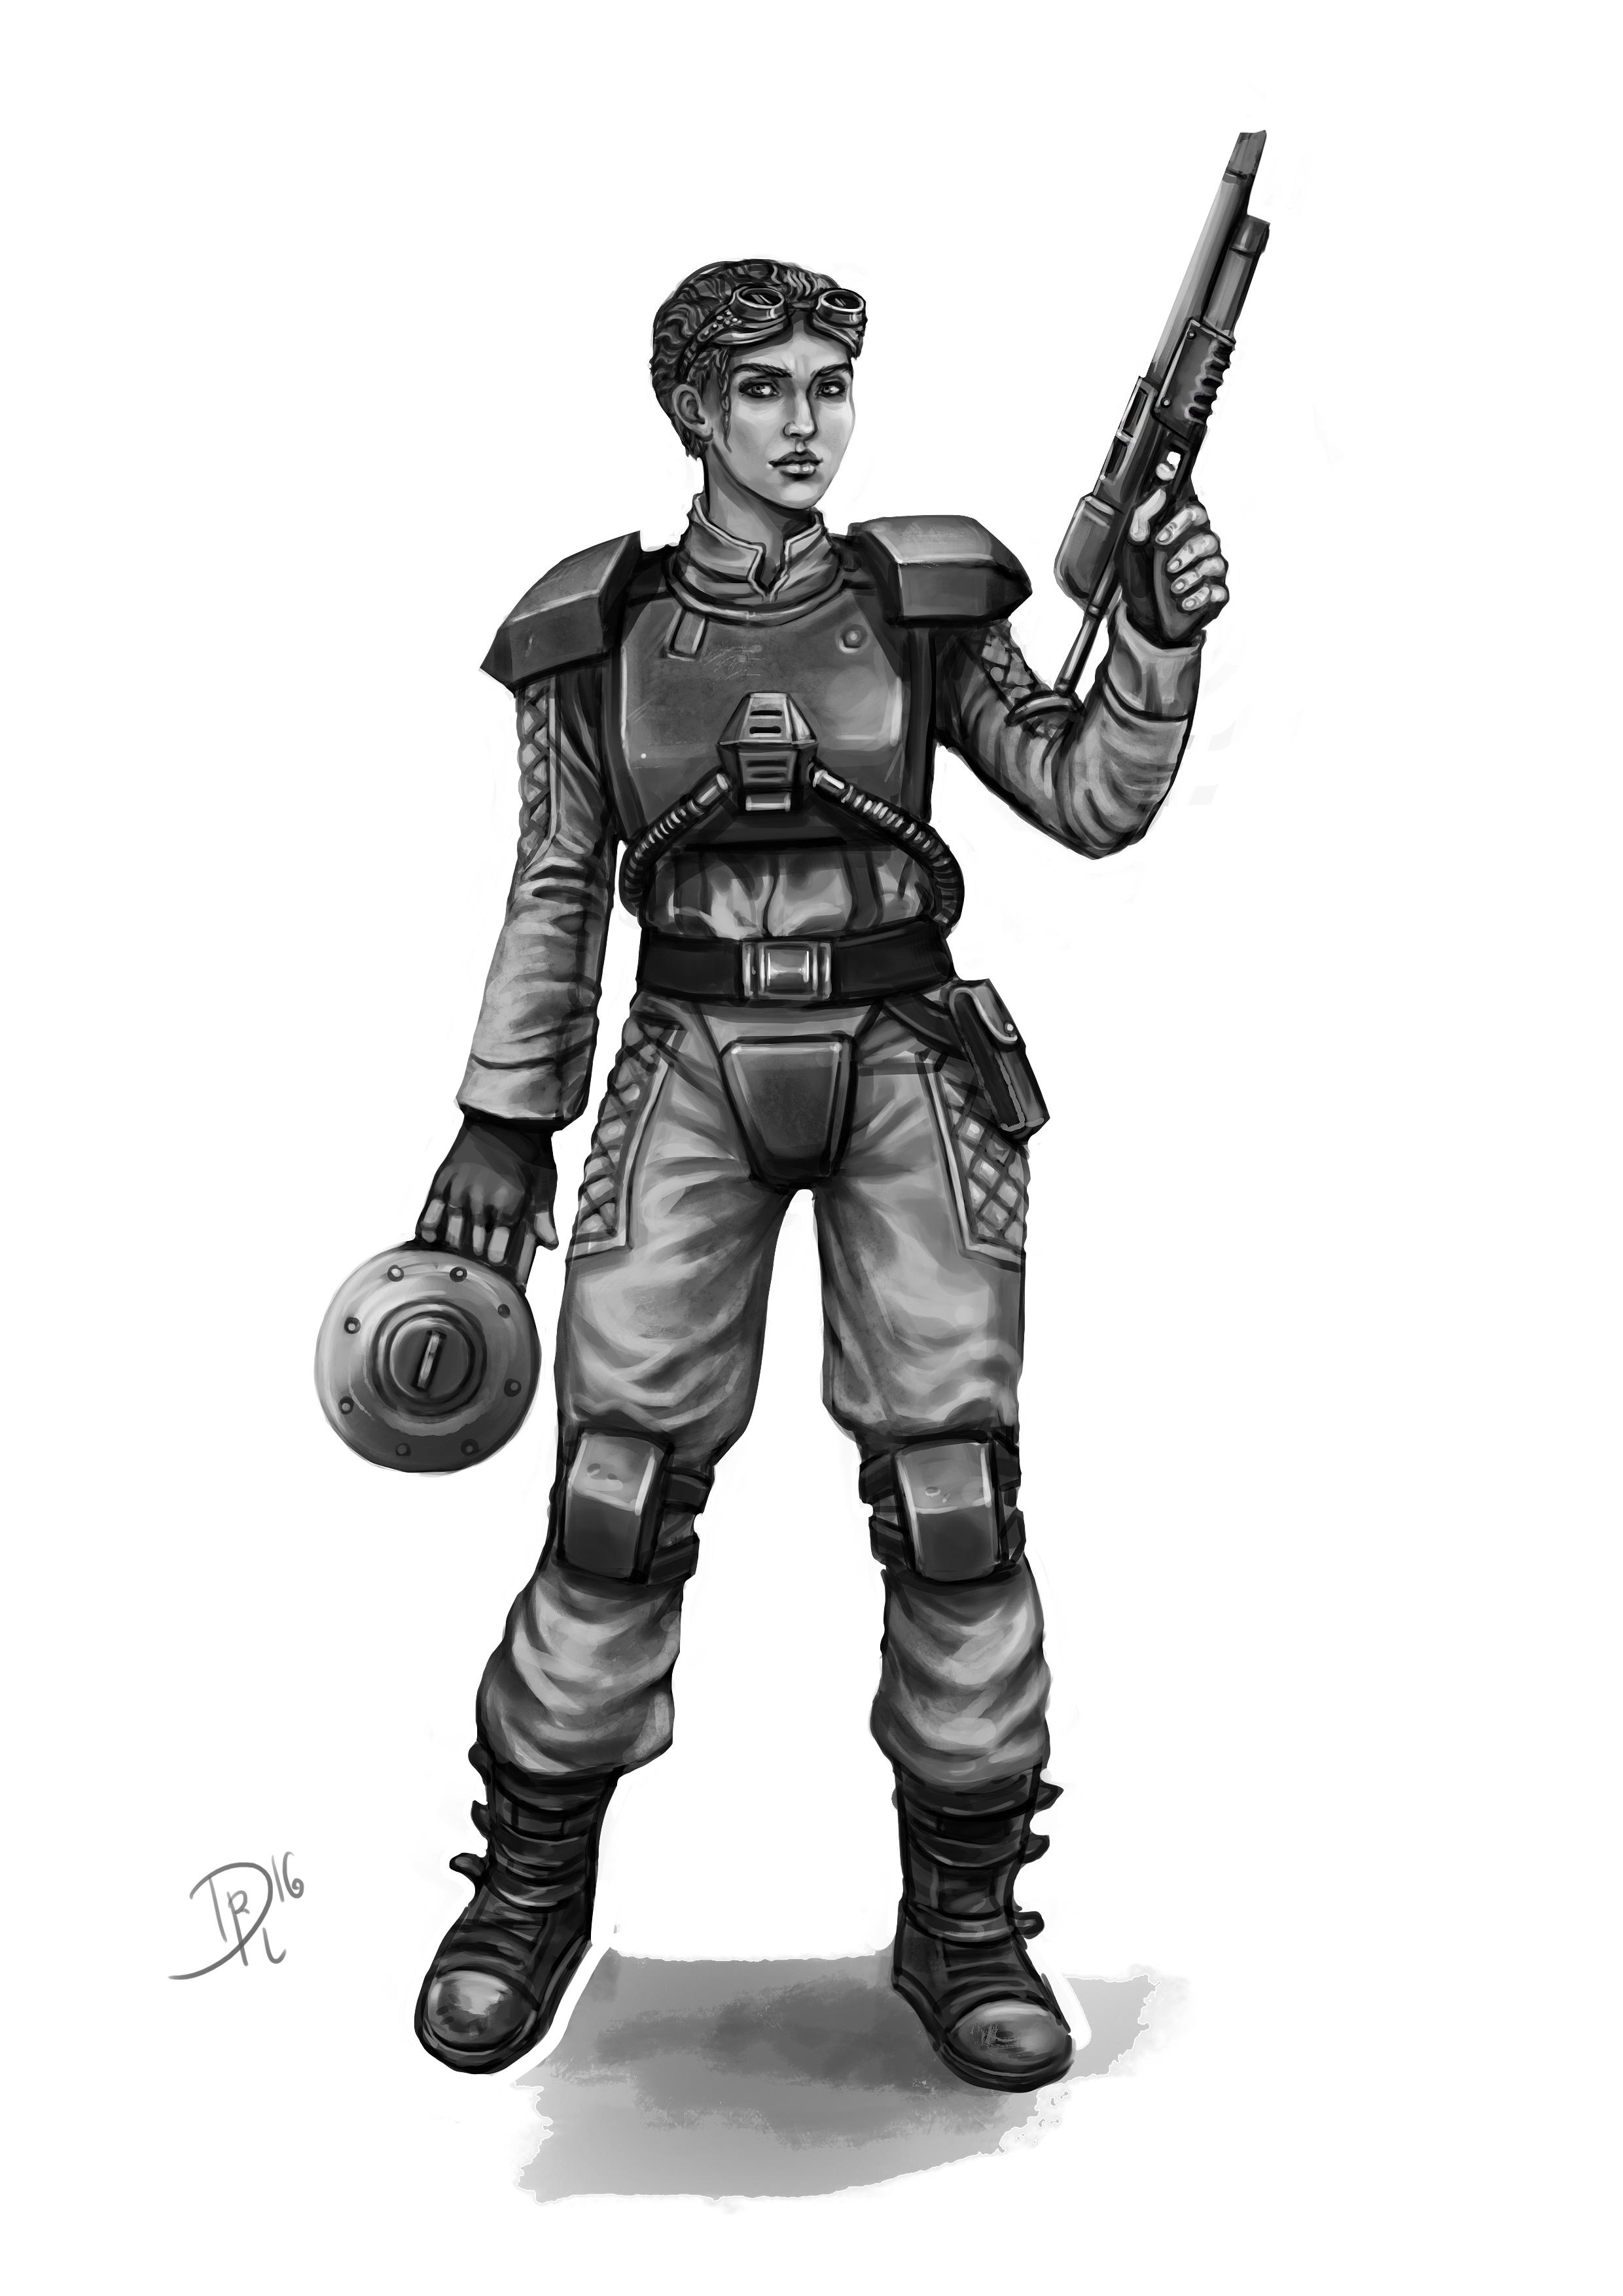 Irene Lopez, Sprungtruppe (Warhammer)